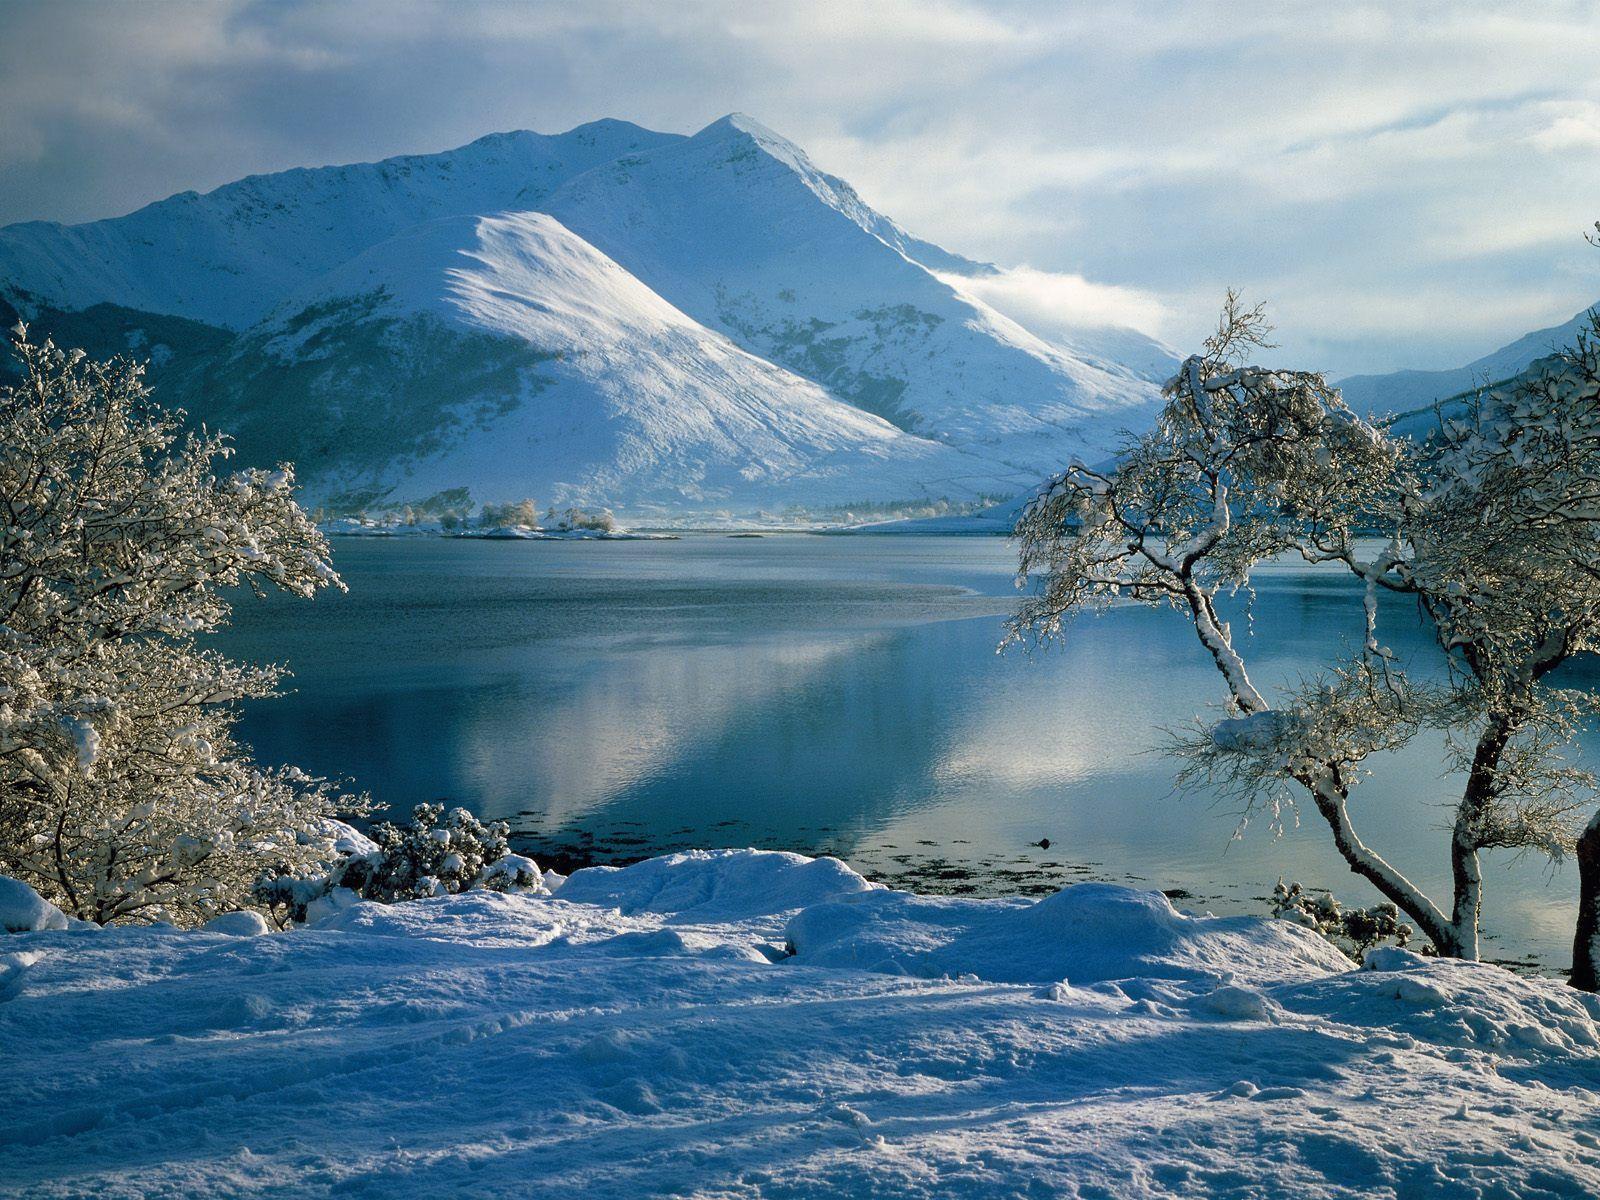 J'ai besoin de l'hiver... dans Les Saisons (115) z651pga7